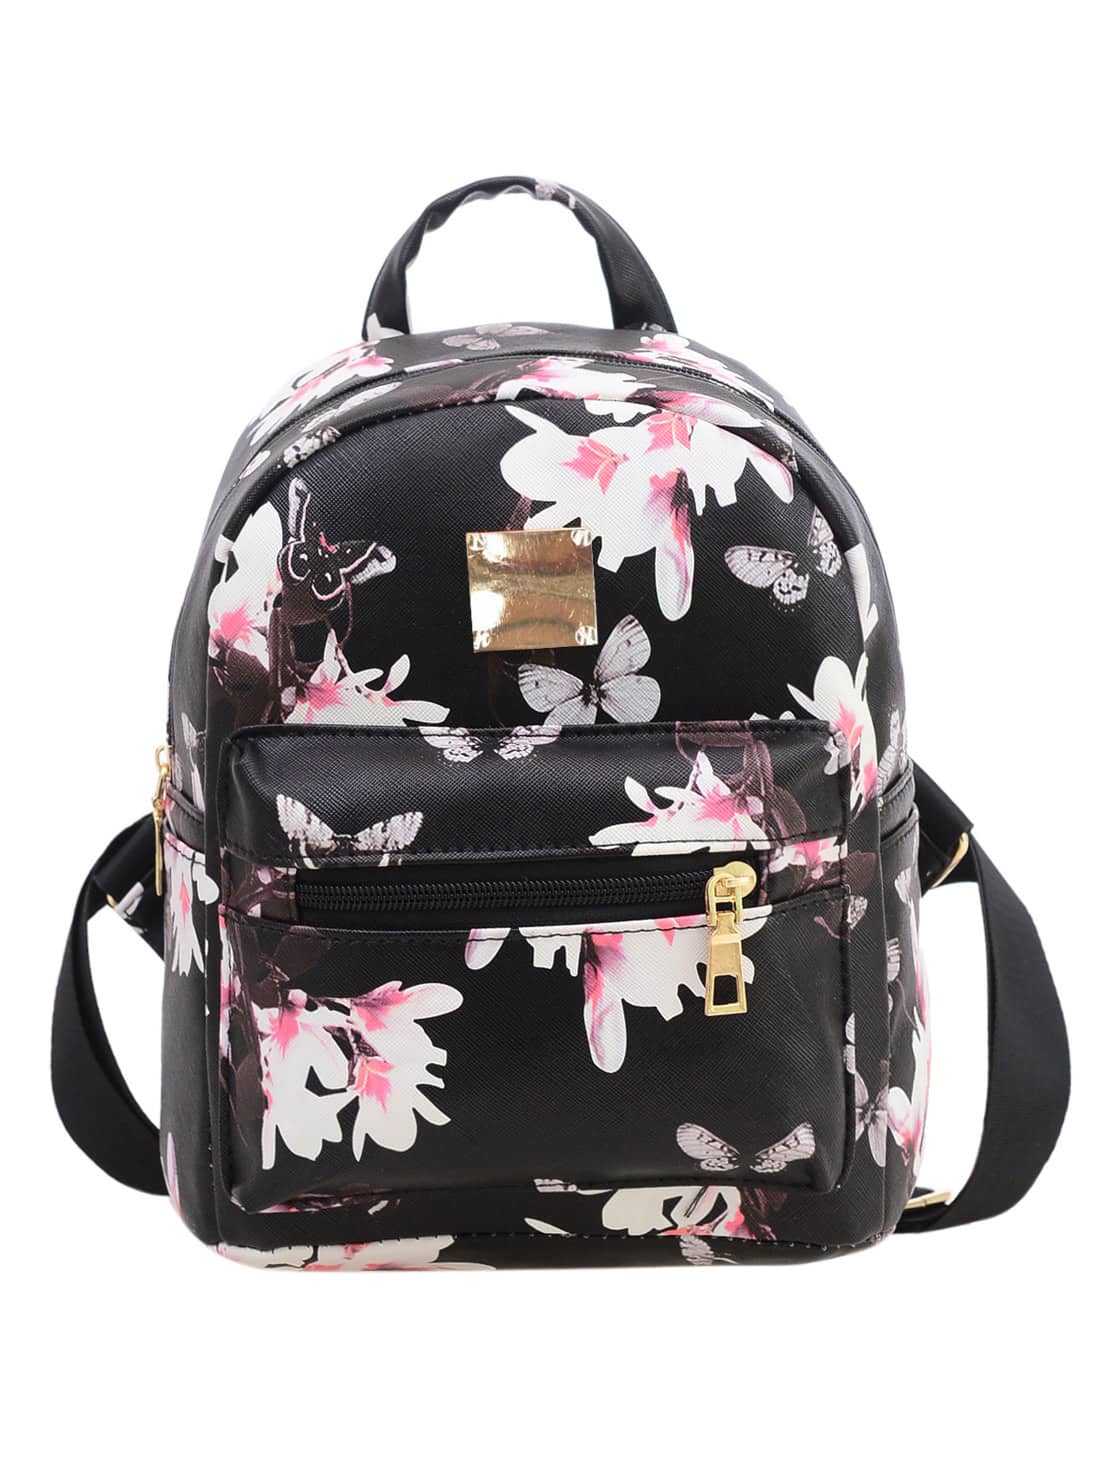 Allover Vintage Flower Print Backpack - Black